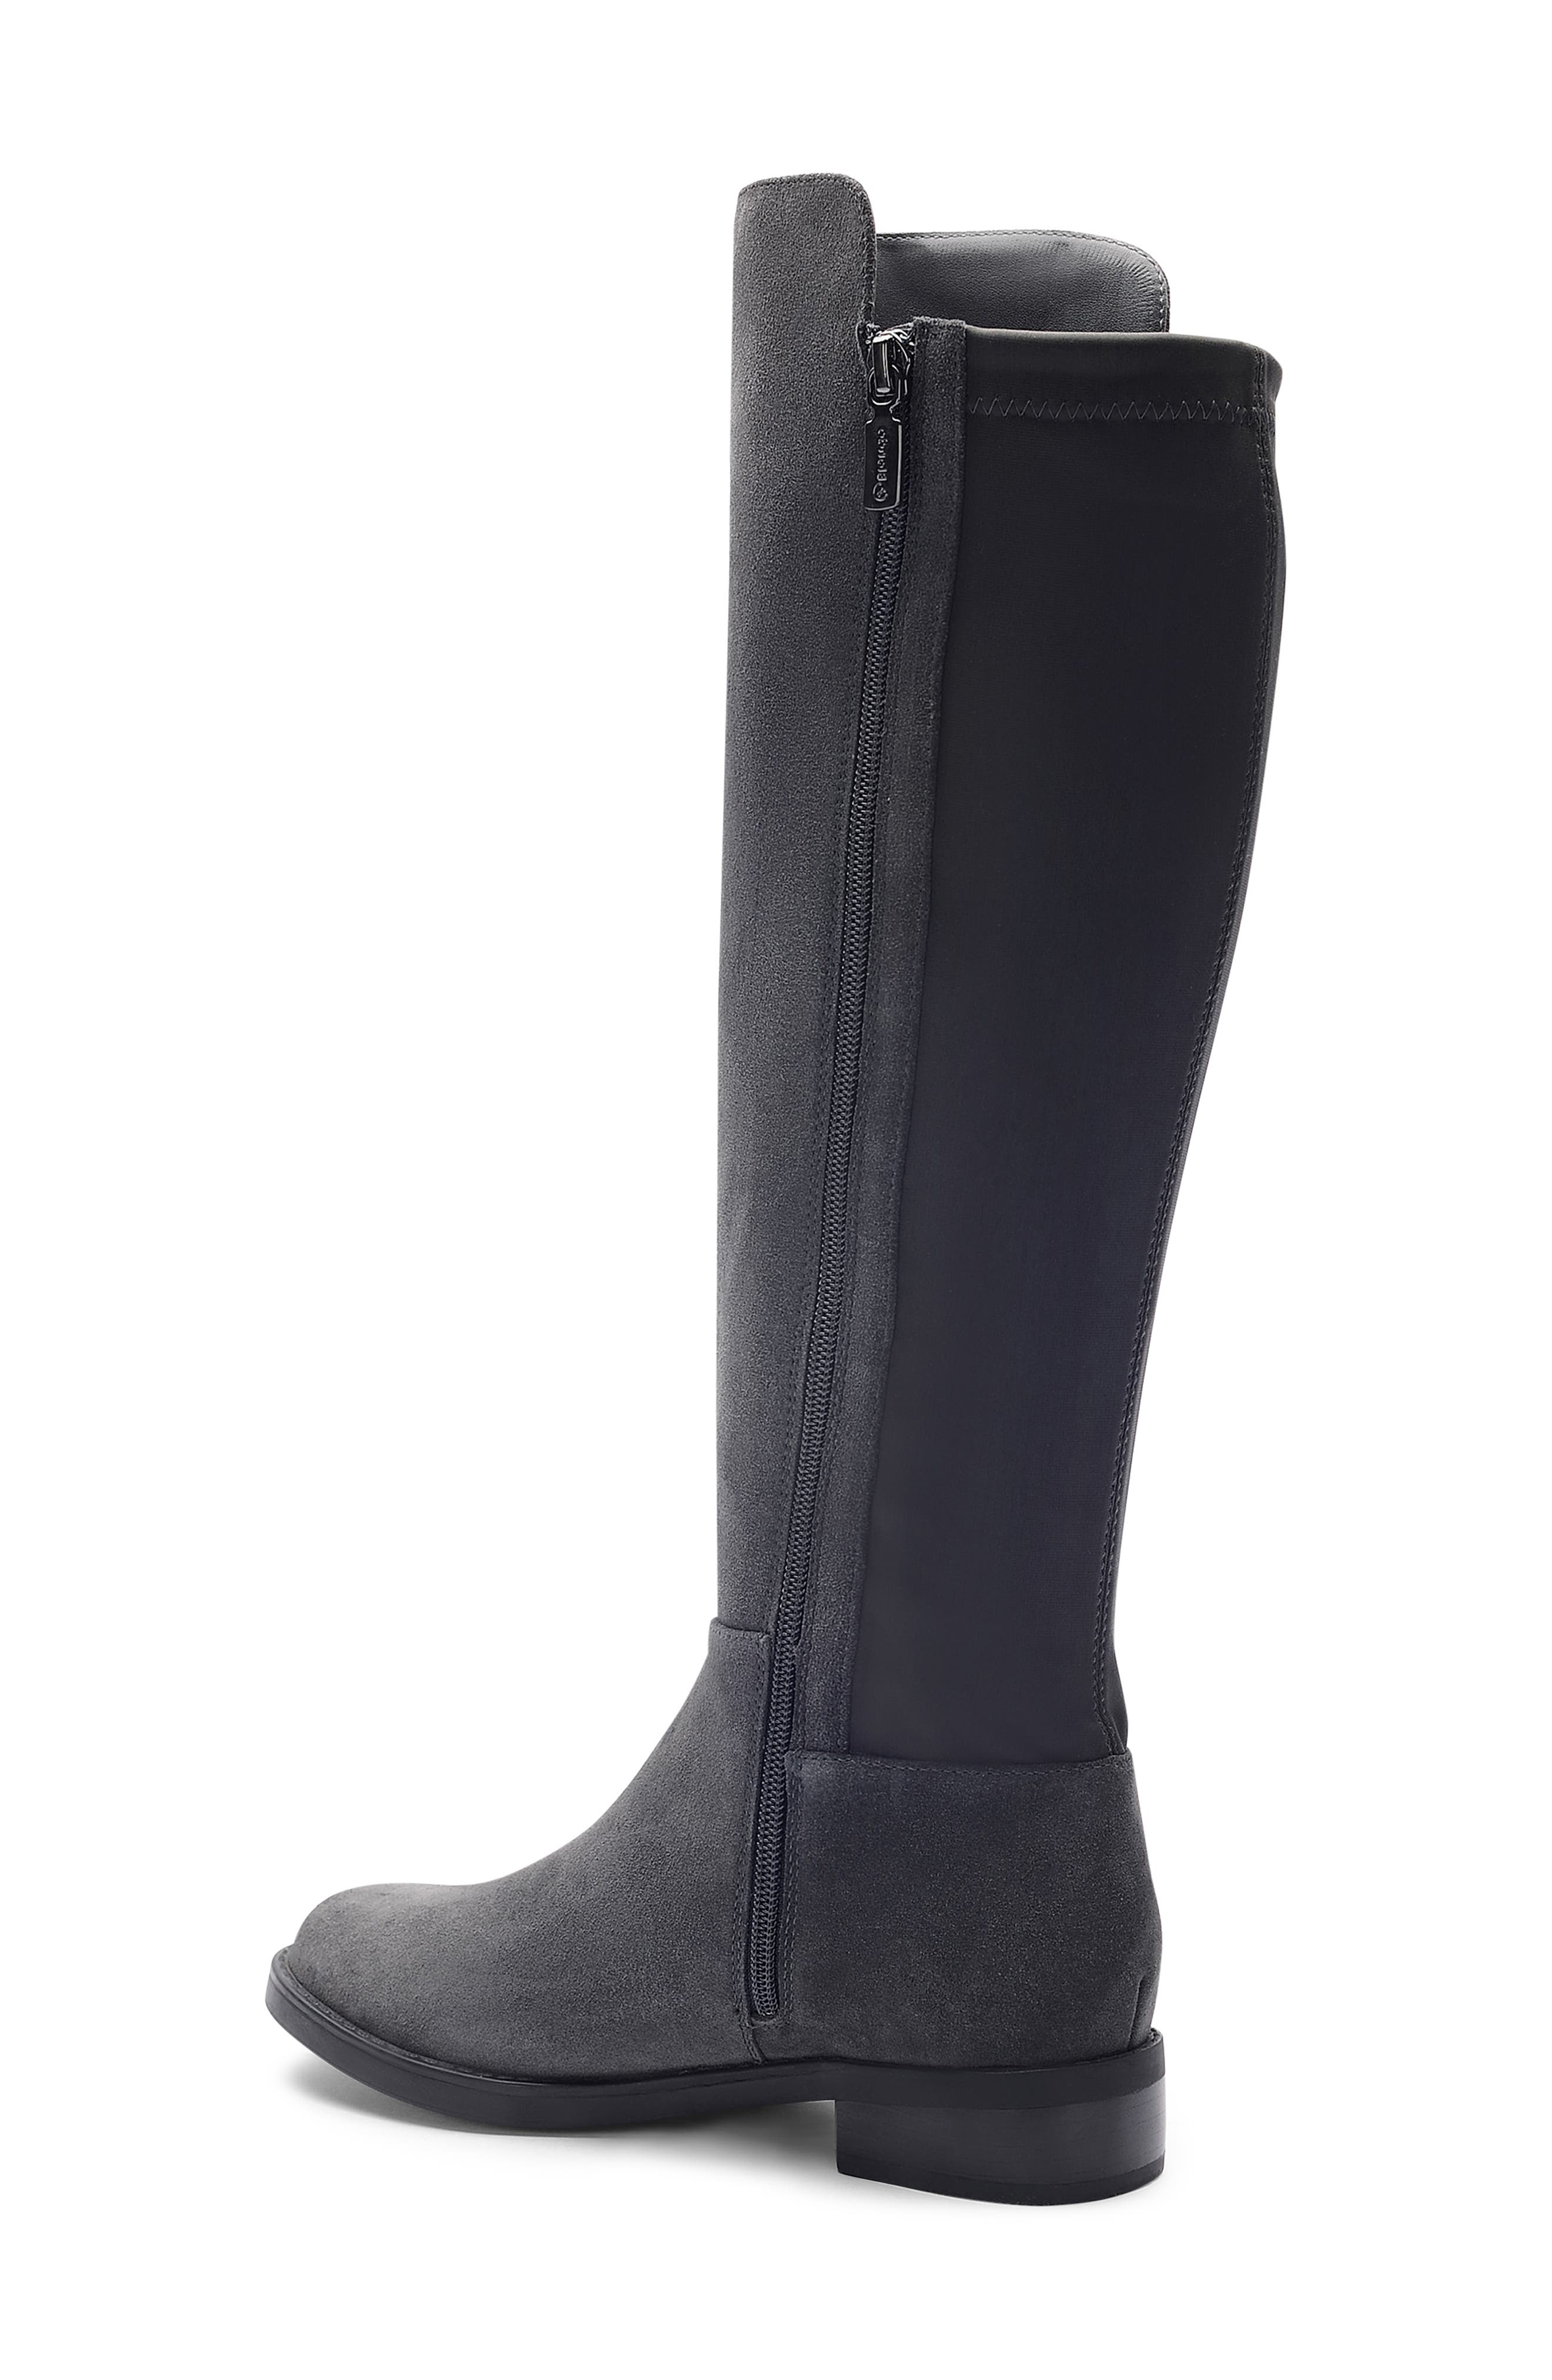 Ellie Waterproof Knee High Riding Boot